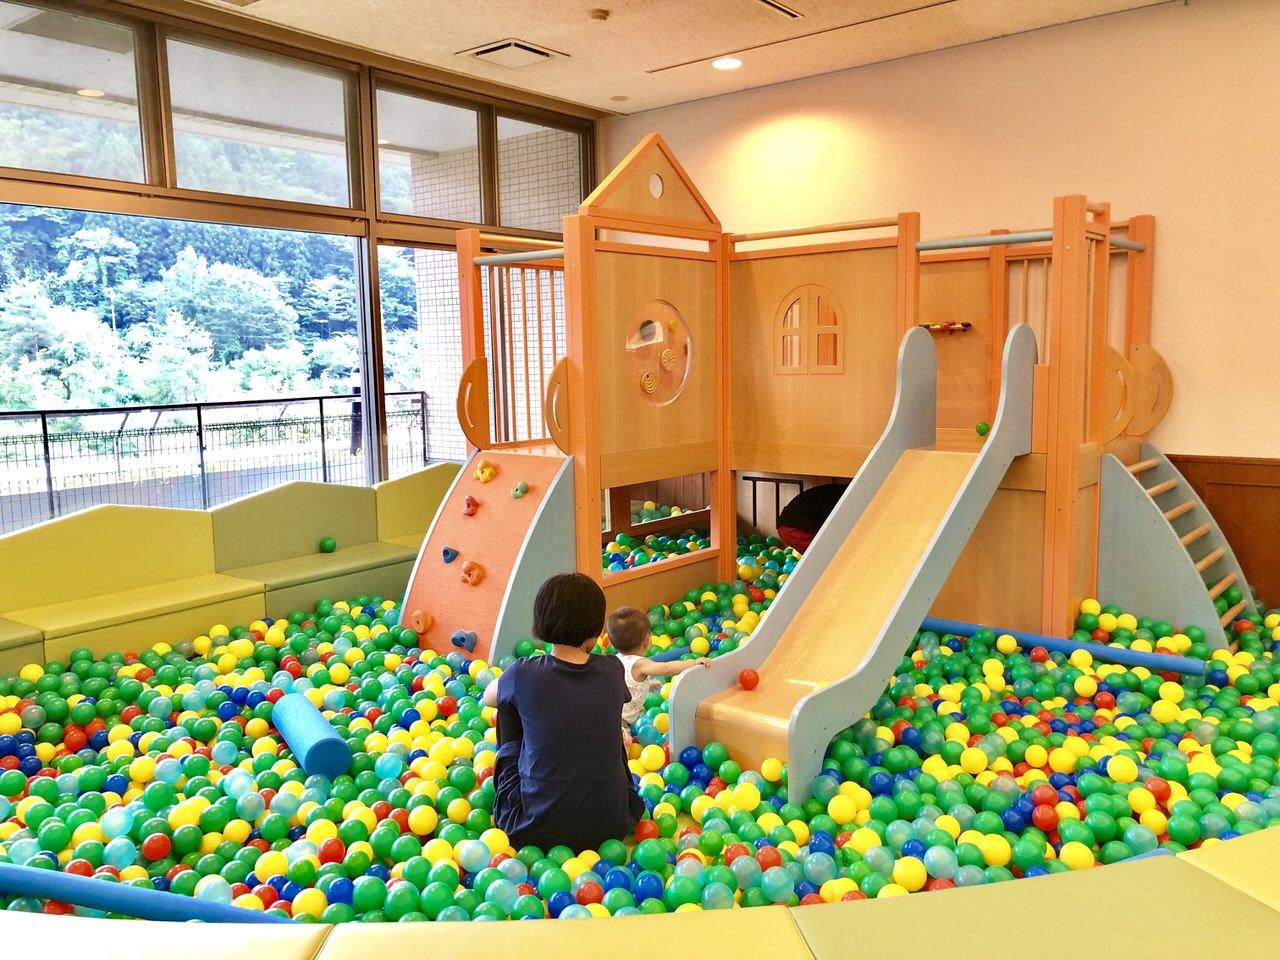 クアリゾートの子供の遊び場のボールプール